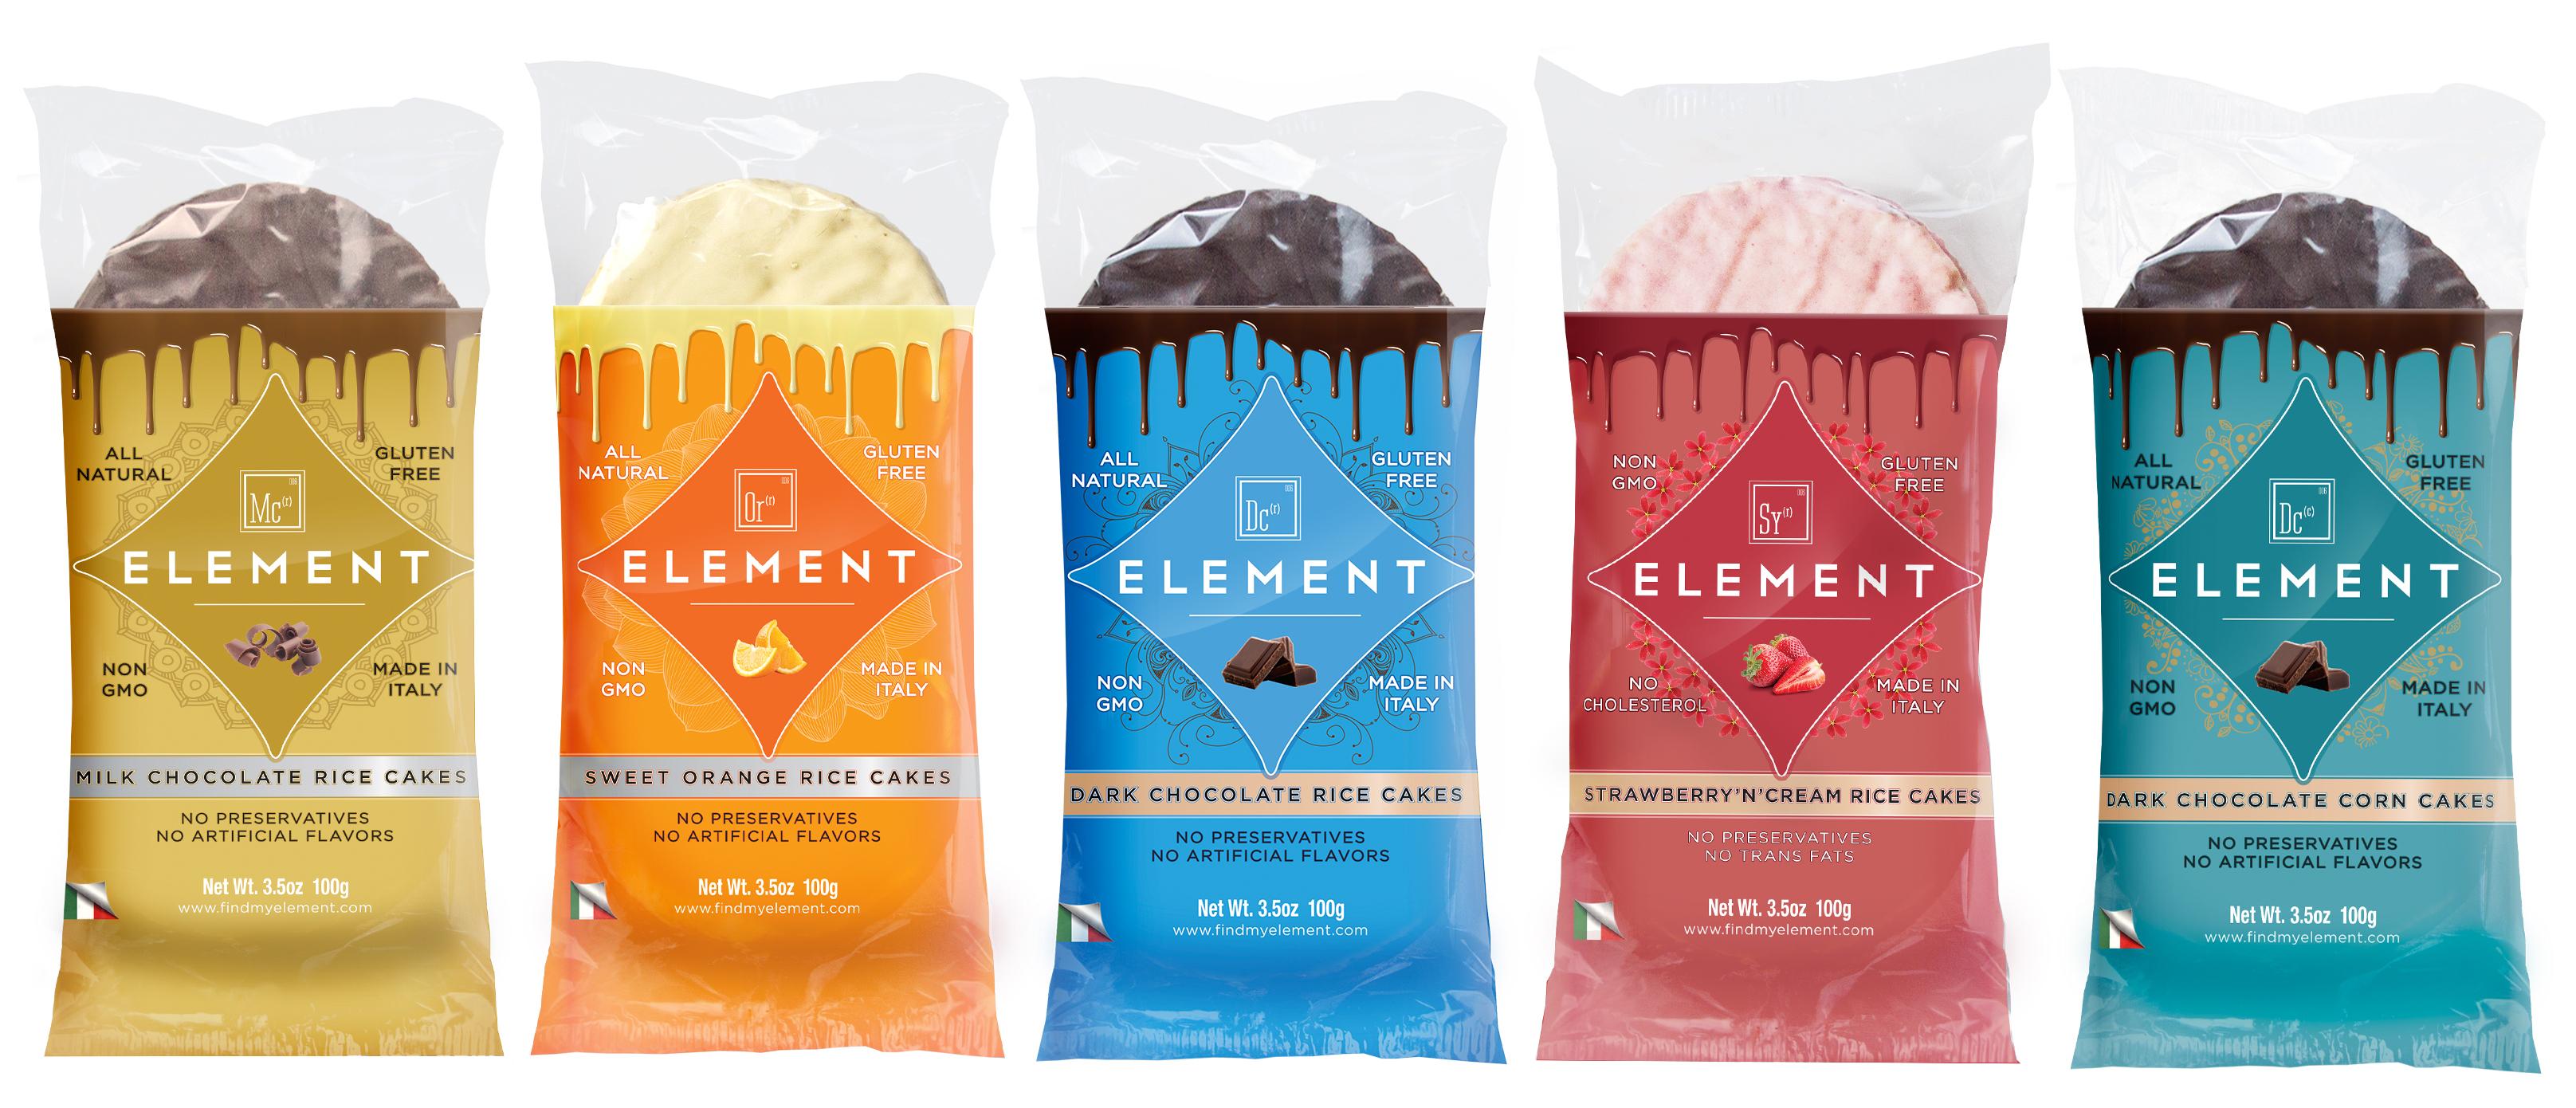 Element Orange Cream Rice Cakes